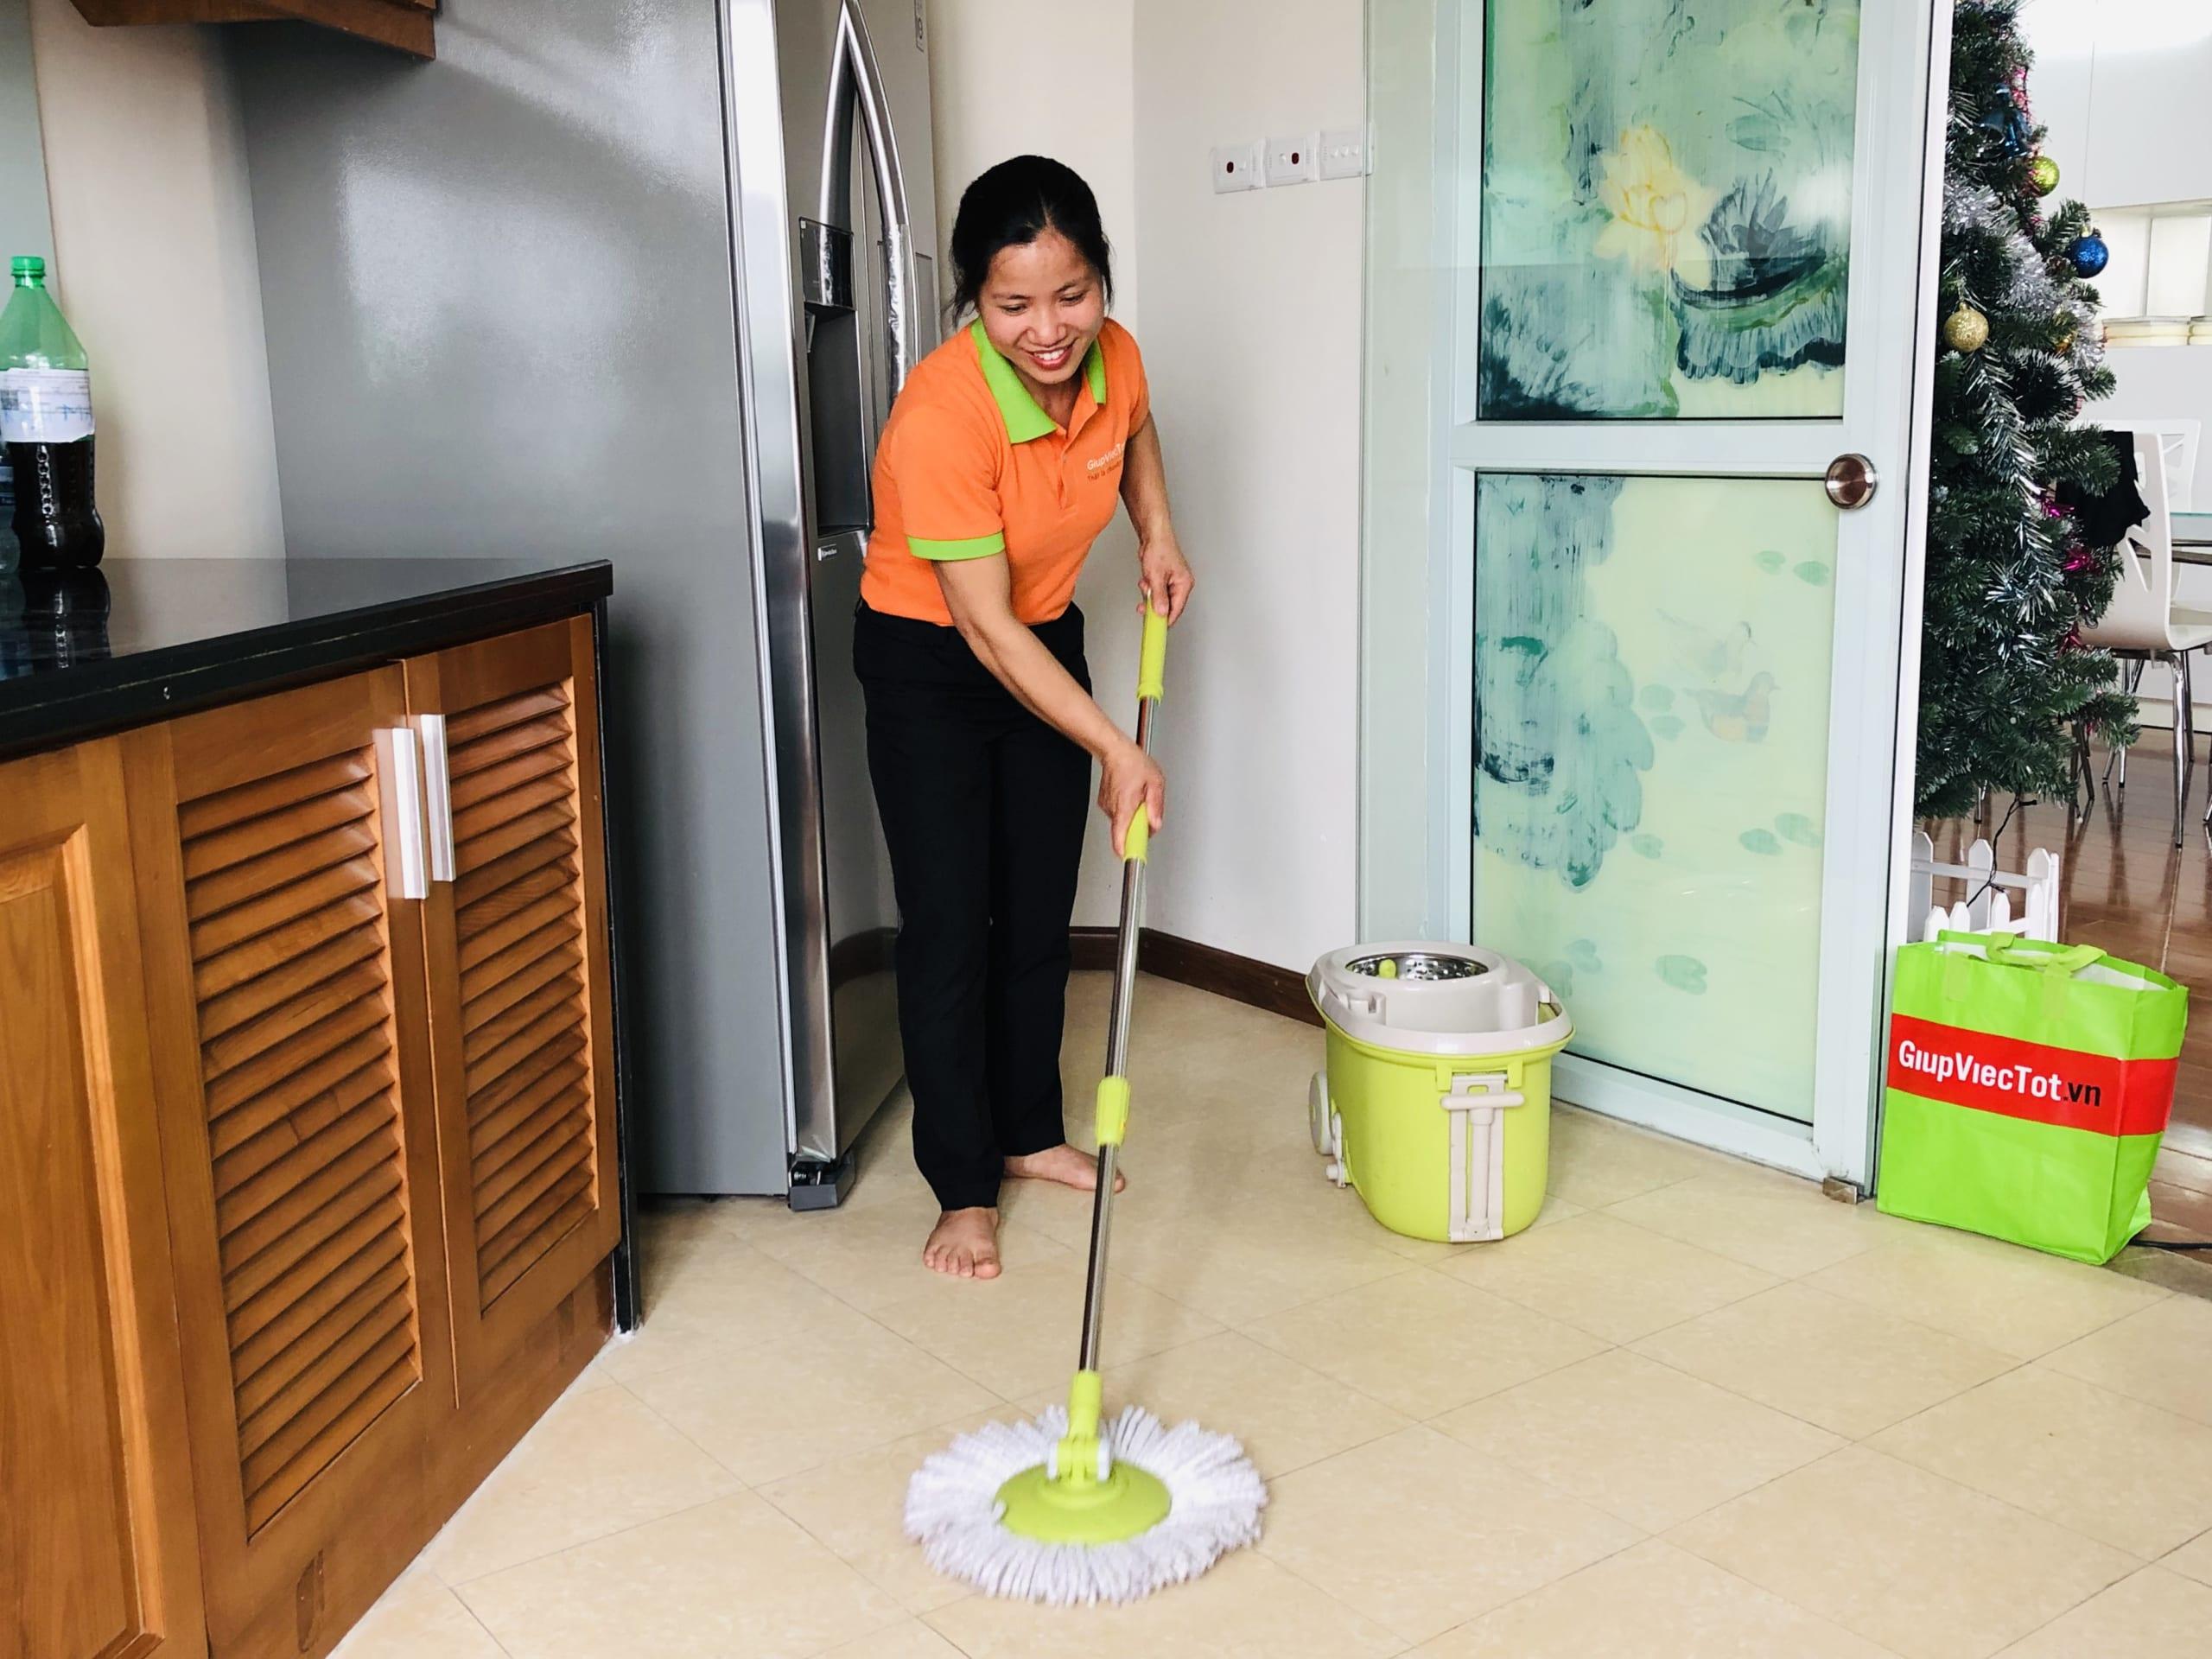 Tìm giúp việc nhà theo giờ hà nội